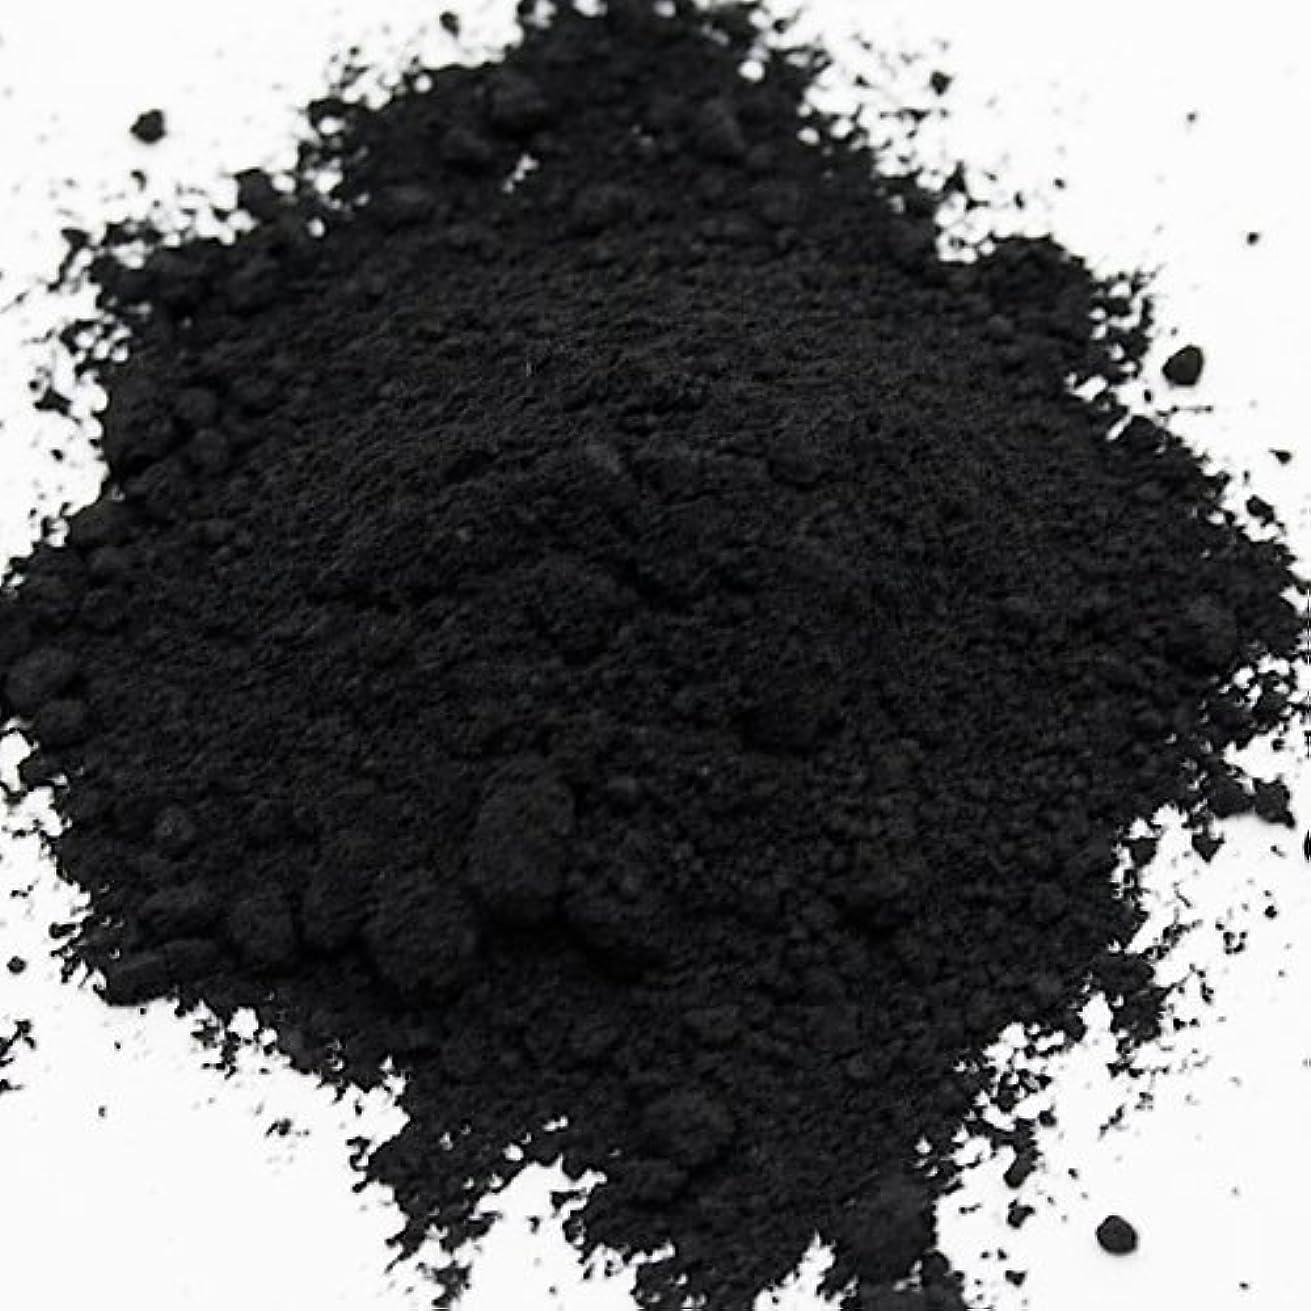 バズレタッチ団結酸化鉄 ブラック 5g 【手作り石鹸/手作りコスメ/色付け/カラーラント/黒】